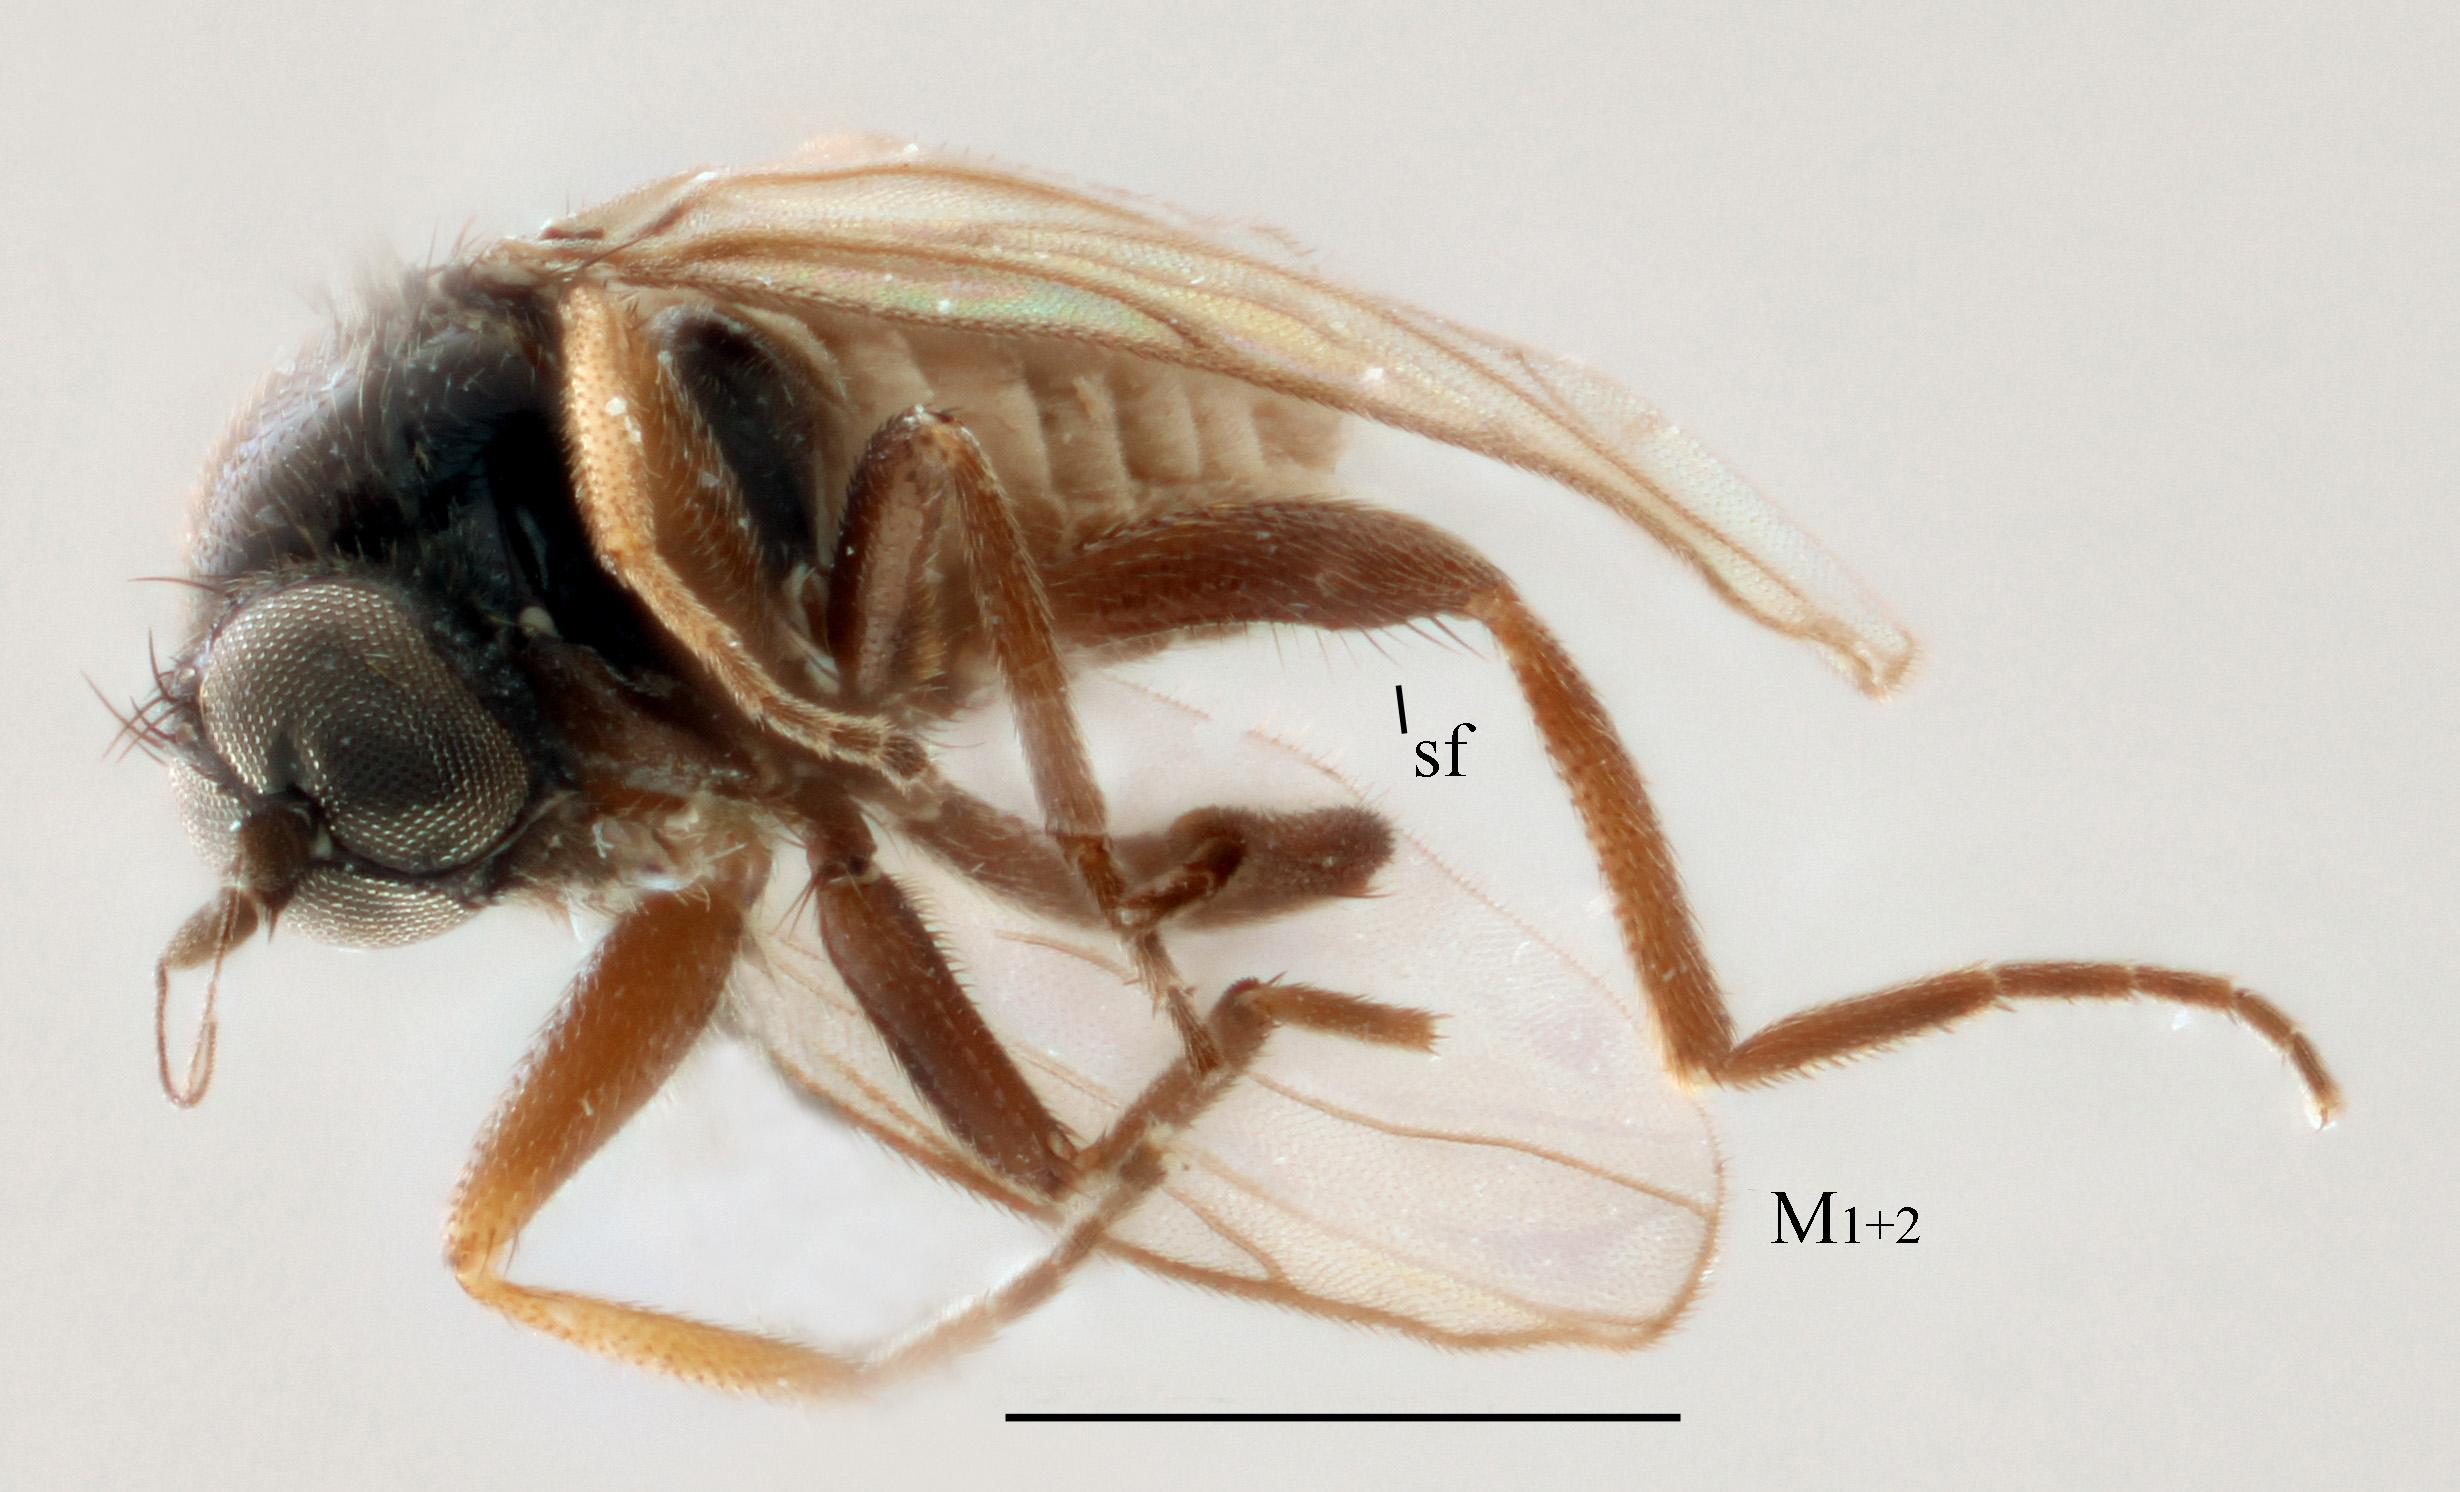 Drapetis undulata sp. nov. Holotyp hane, från Borgehage, Öland. M1+2 = den böljande vingribban M1+2, sf = tandliknande utbuktning på baklåret. Skalstreck 0,5 mm. Foto: Camille Locatelli.